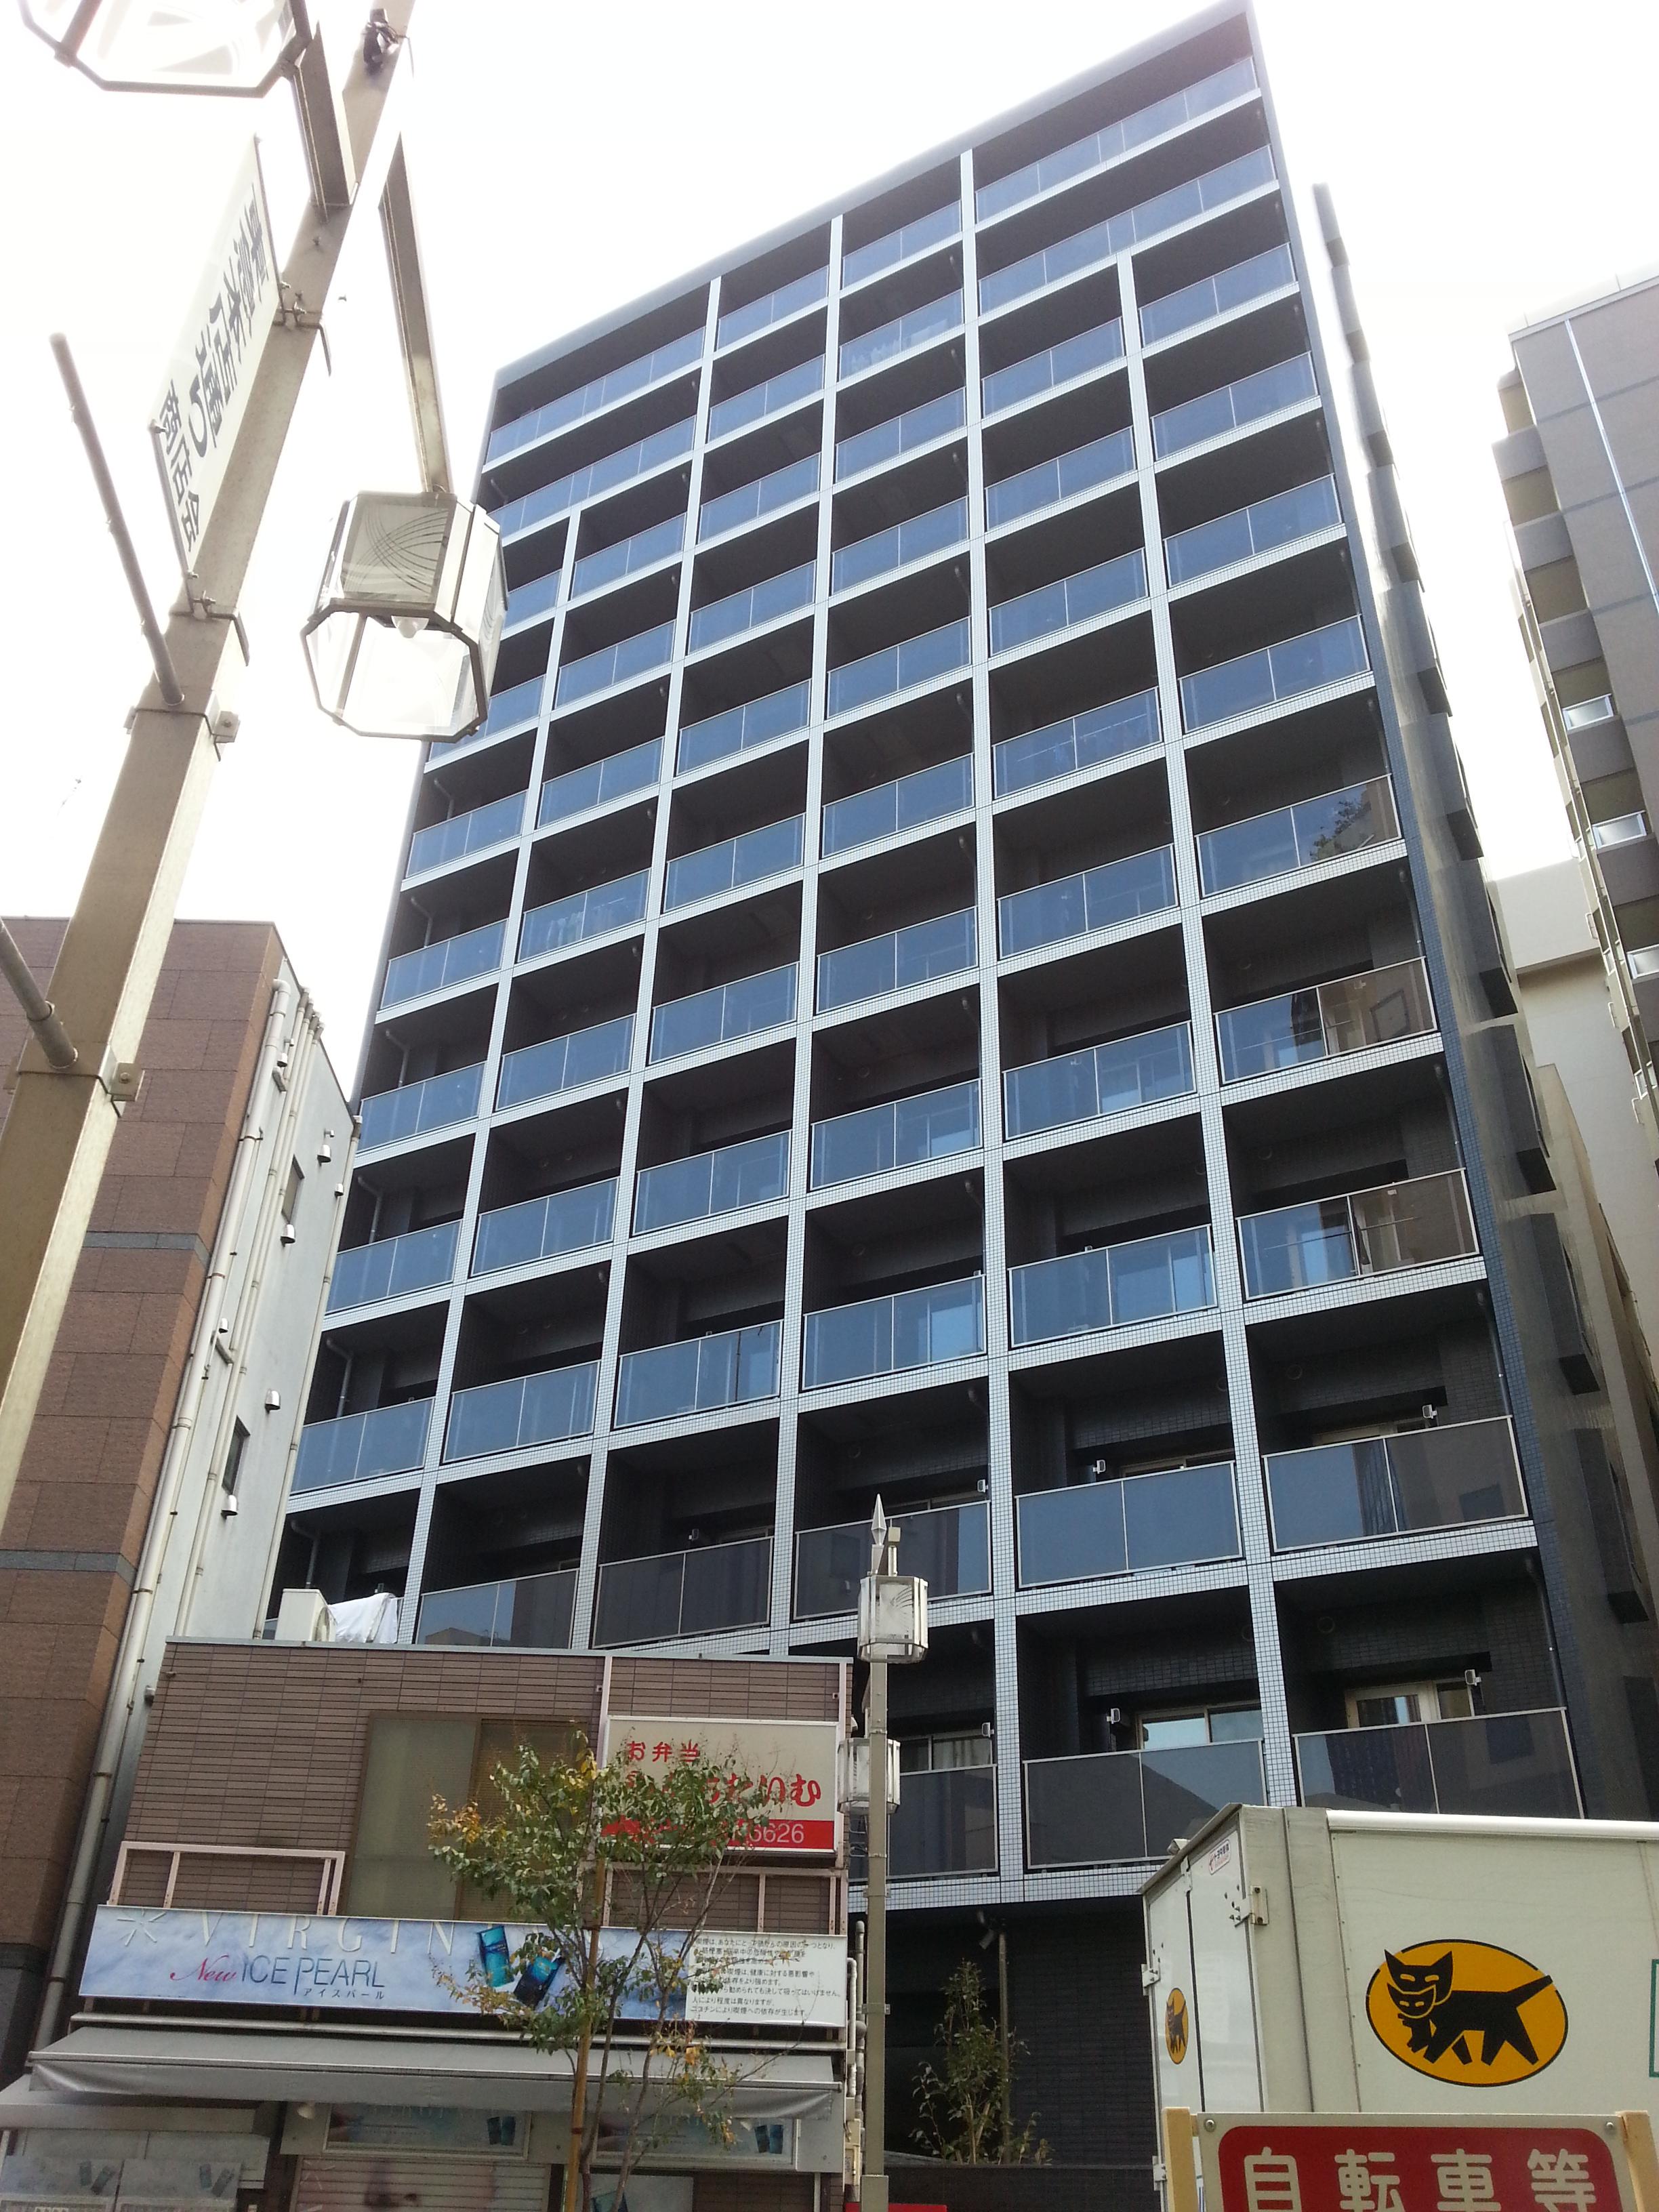 ガーラ・プレシャス渋谷の外観画像です